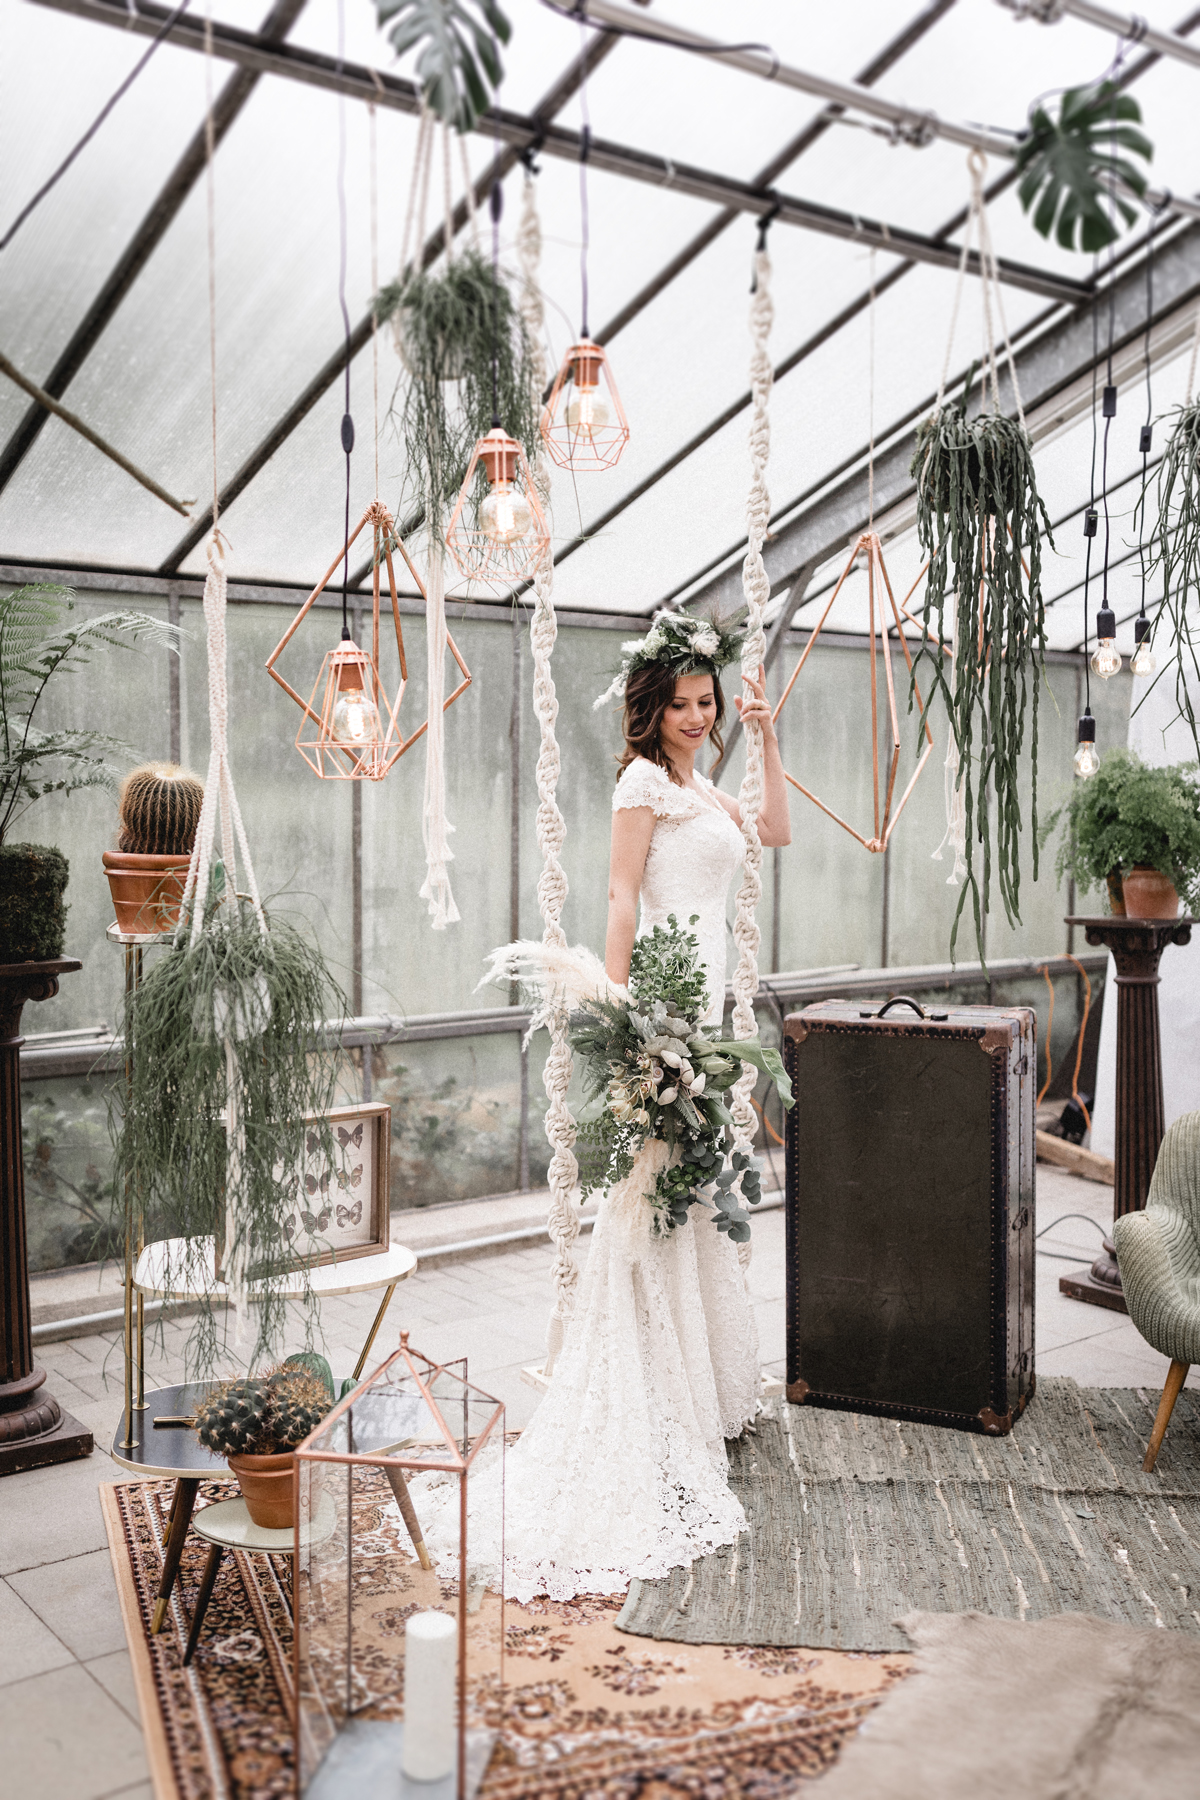 Andreas_Nusch_Hochzeitsfotografie_Brautshooting_2017_JA-Hochzeitsshop_0102